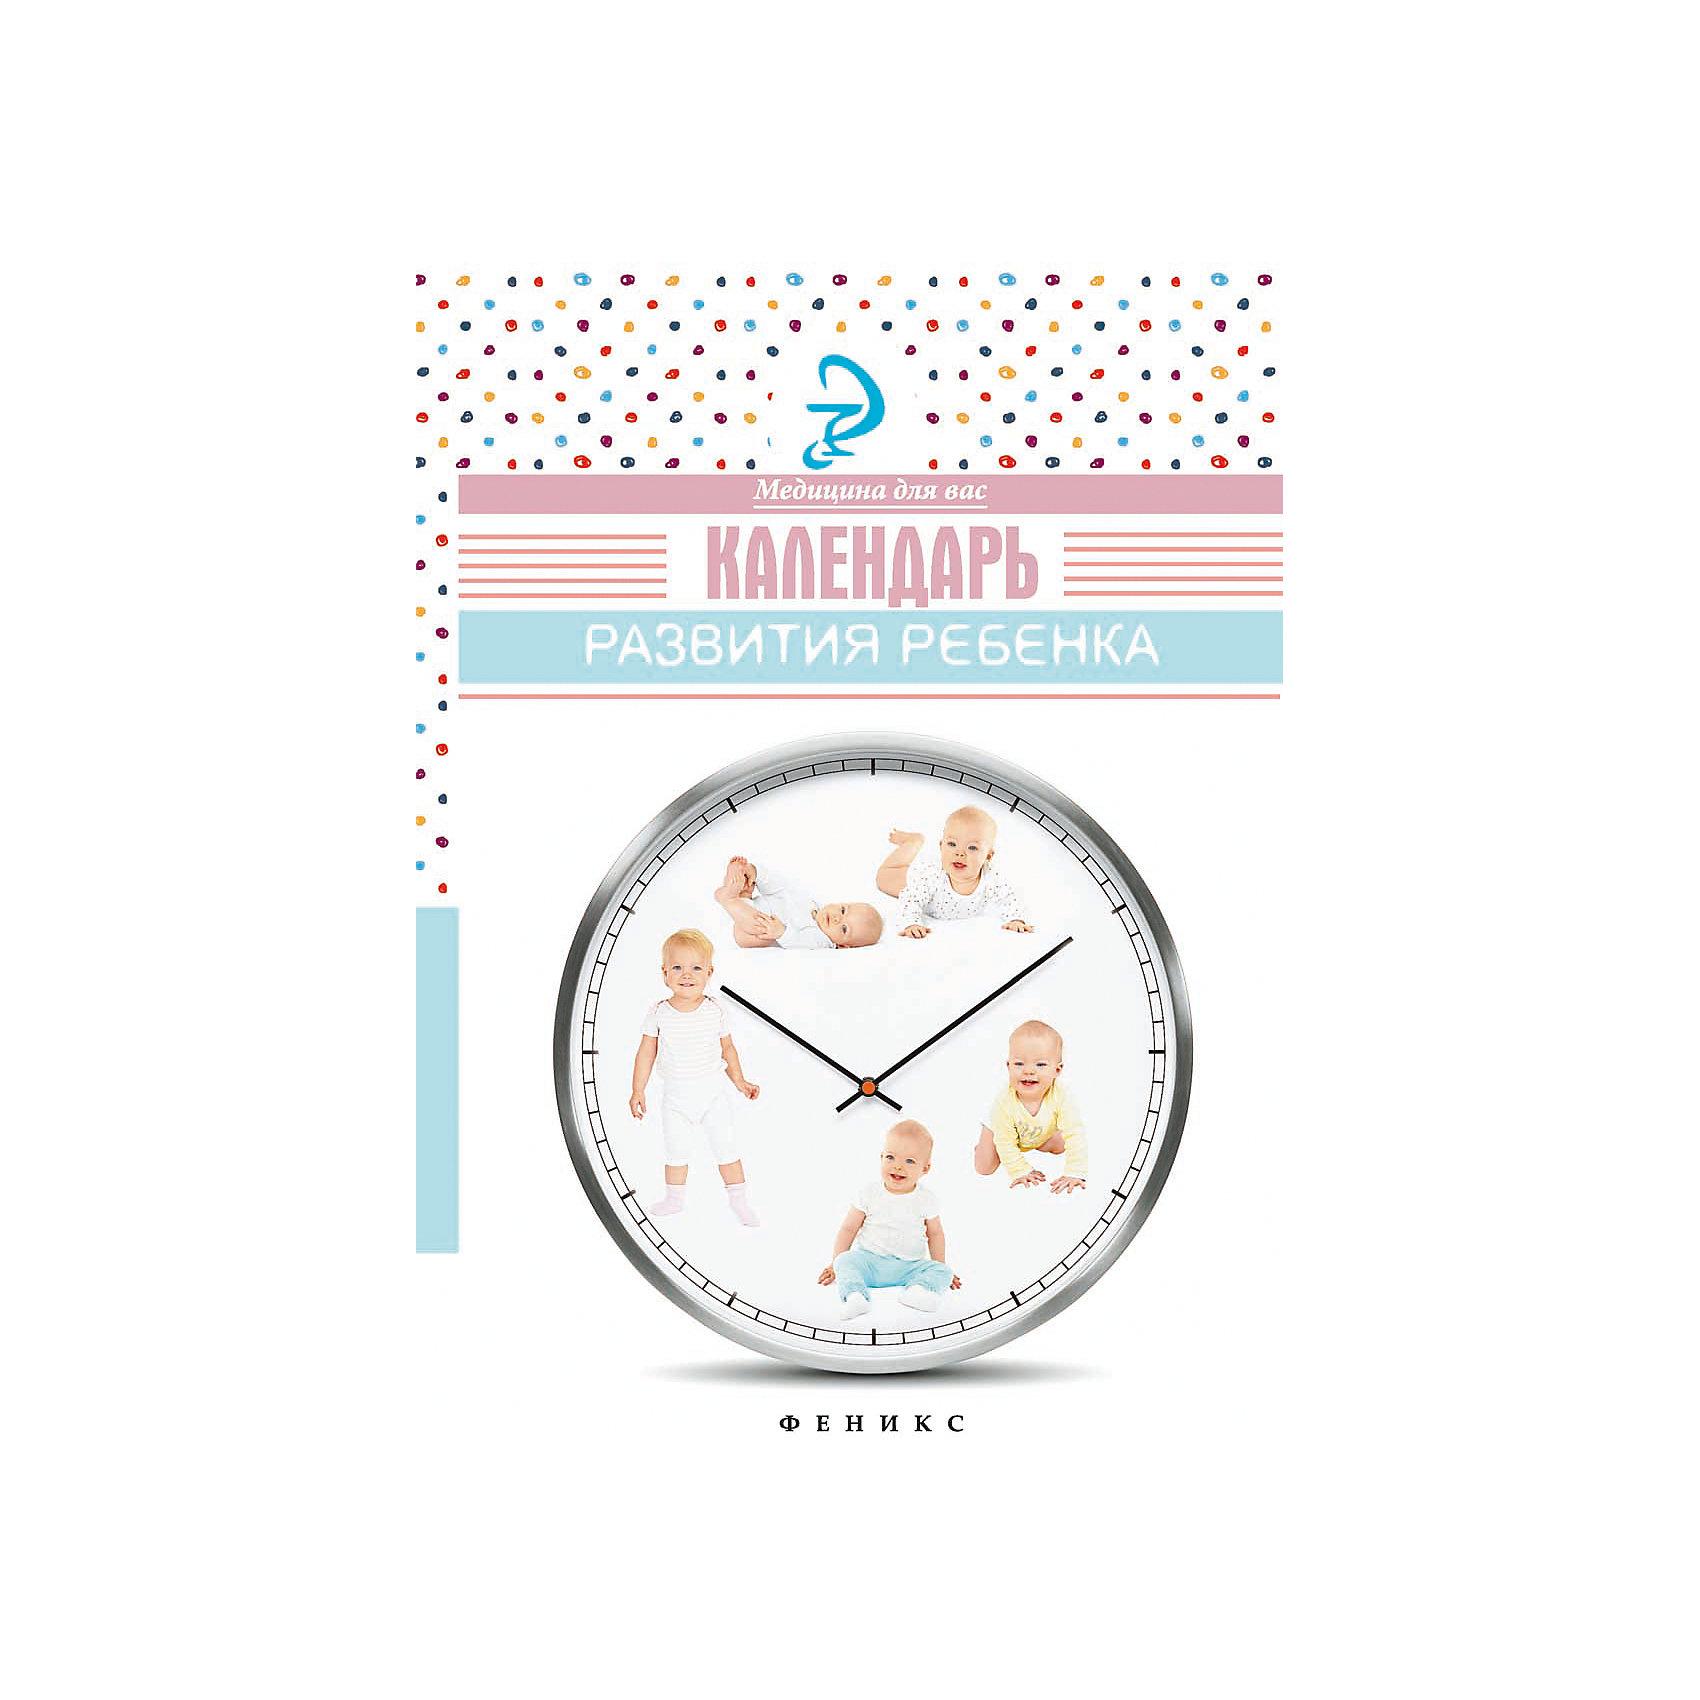 Календарь развития ребенкаПредлагаемый нашему вниманию календарь развития ребенка расскажет об особенностях детского организма. Ребенок первого года жизни быстро растет, за короткое время учится ходить, творить, приобретет множество других навыков, знаний и умений. Из нашего календаря вы узнаете об особенностях новорожденных, детей до 1 года, 1-3-х лет, 4-5 и 6-7 лет. а также их физическом и нервно-психическом развитии. Даны рекомендации, которые помогут вам правильно развивать и воспитывать ребенка.<br><br>Ширина мм: 70<br>Глубина мм: 129<br>Высота мм: 200<br>Вес г: 151<br>Возраст от месяцев: 144<br>Возраст до месяцев: 2147483647<br>Пол: Унисекс<br>Возраст: Детский<br>SKU: 5501014